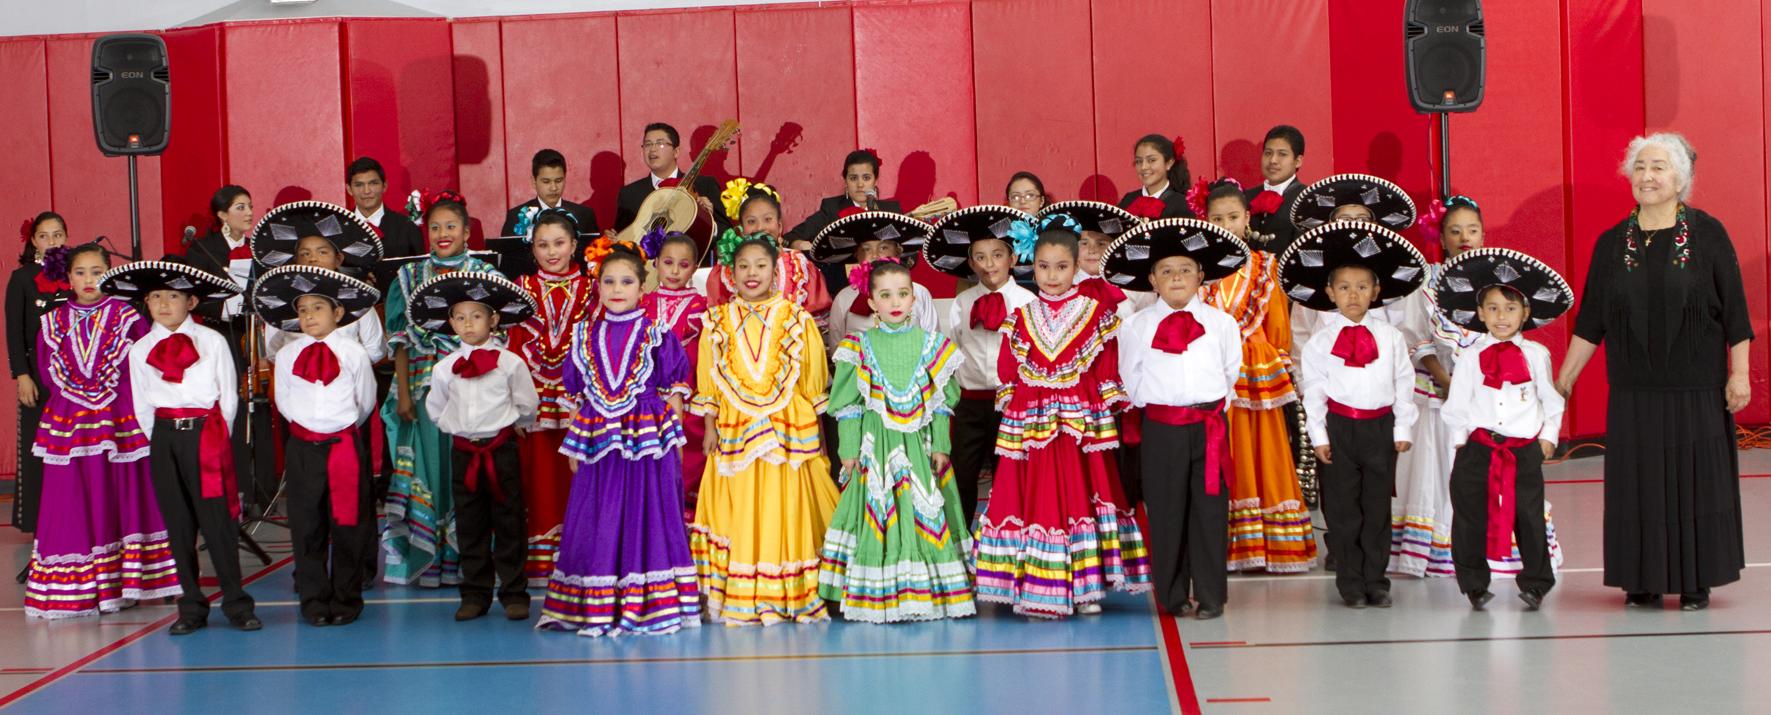 Escuela guadalupana